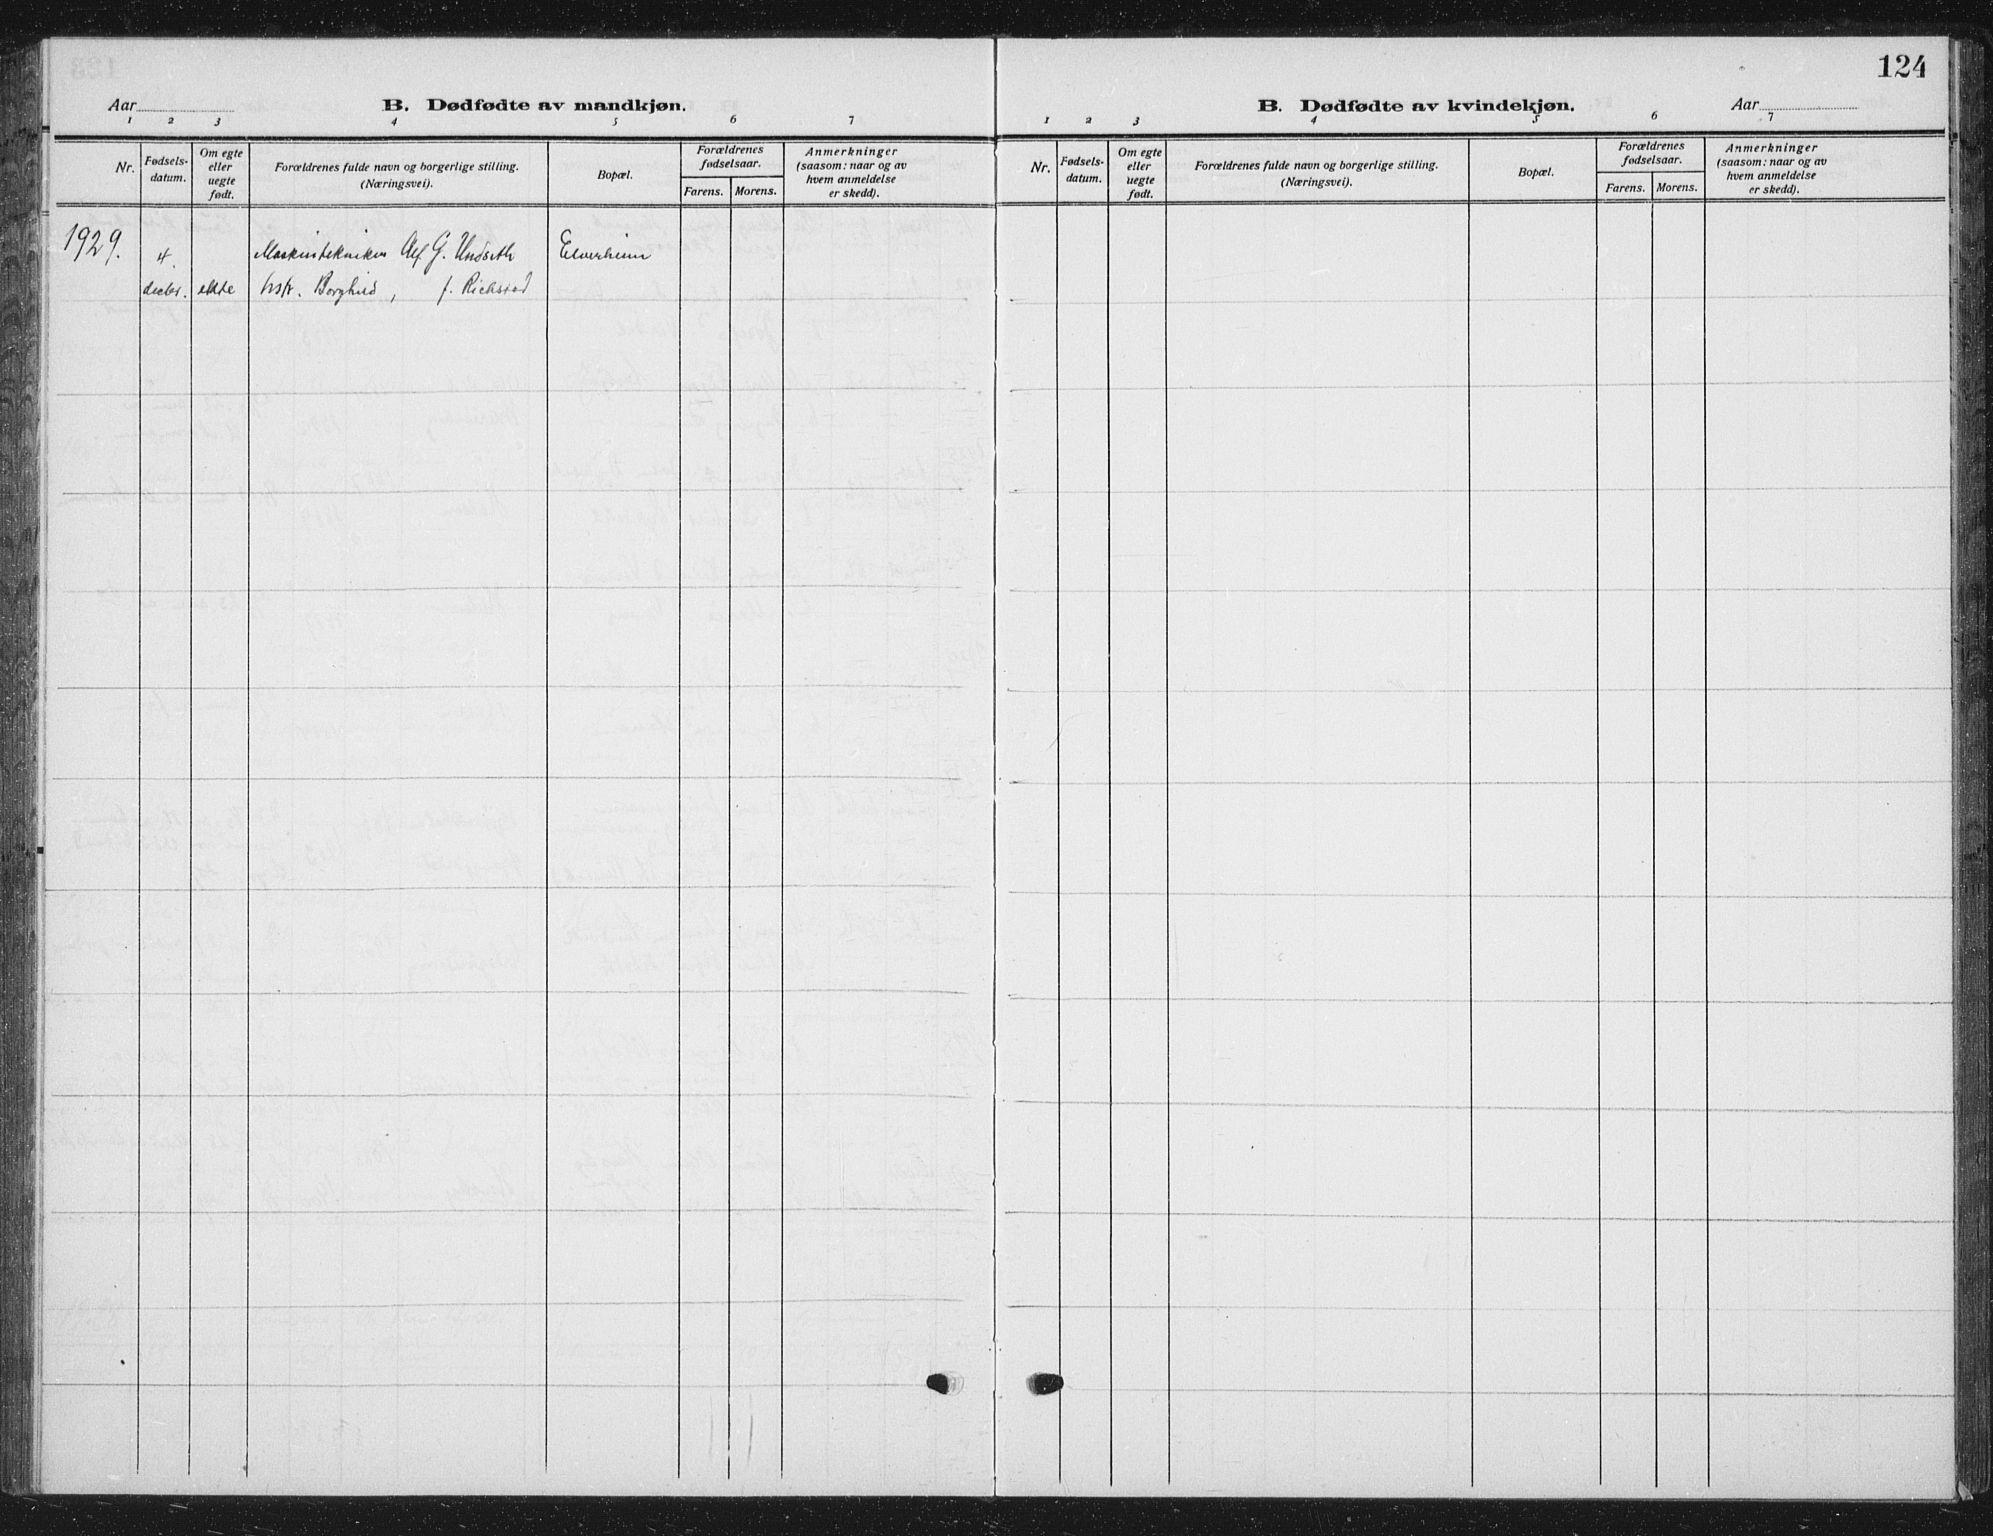 SAT, Ministerialprotokoller, klokkerbøker og fødselsregistre - Nord-Trøndelag, 709/L0088: Klokkerbok nr. 709C02, 1914-1934, s. 124